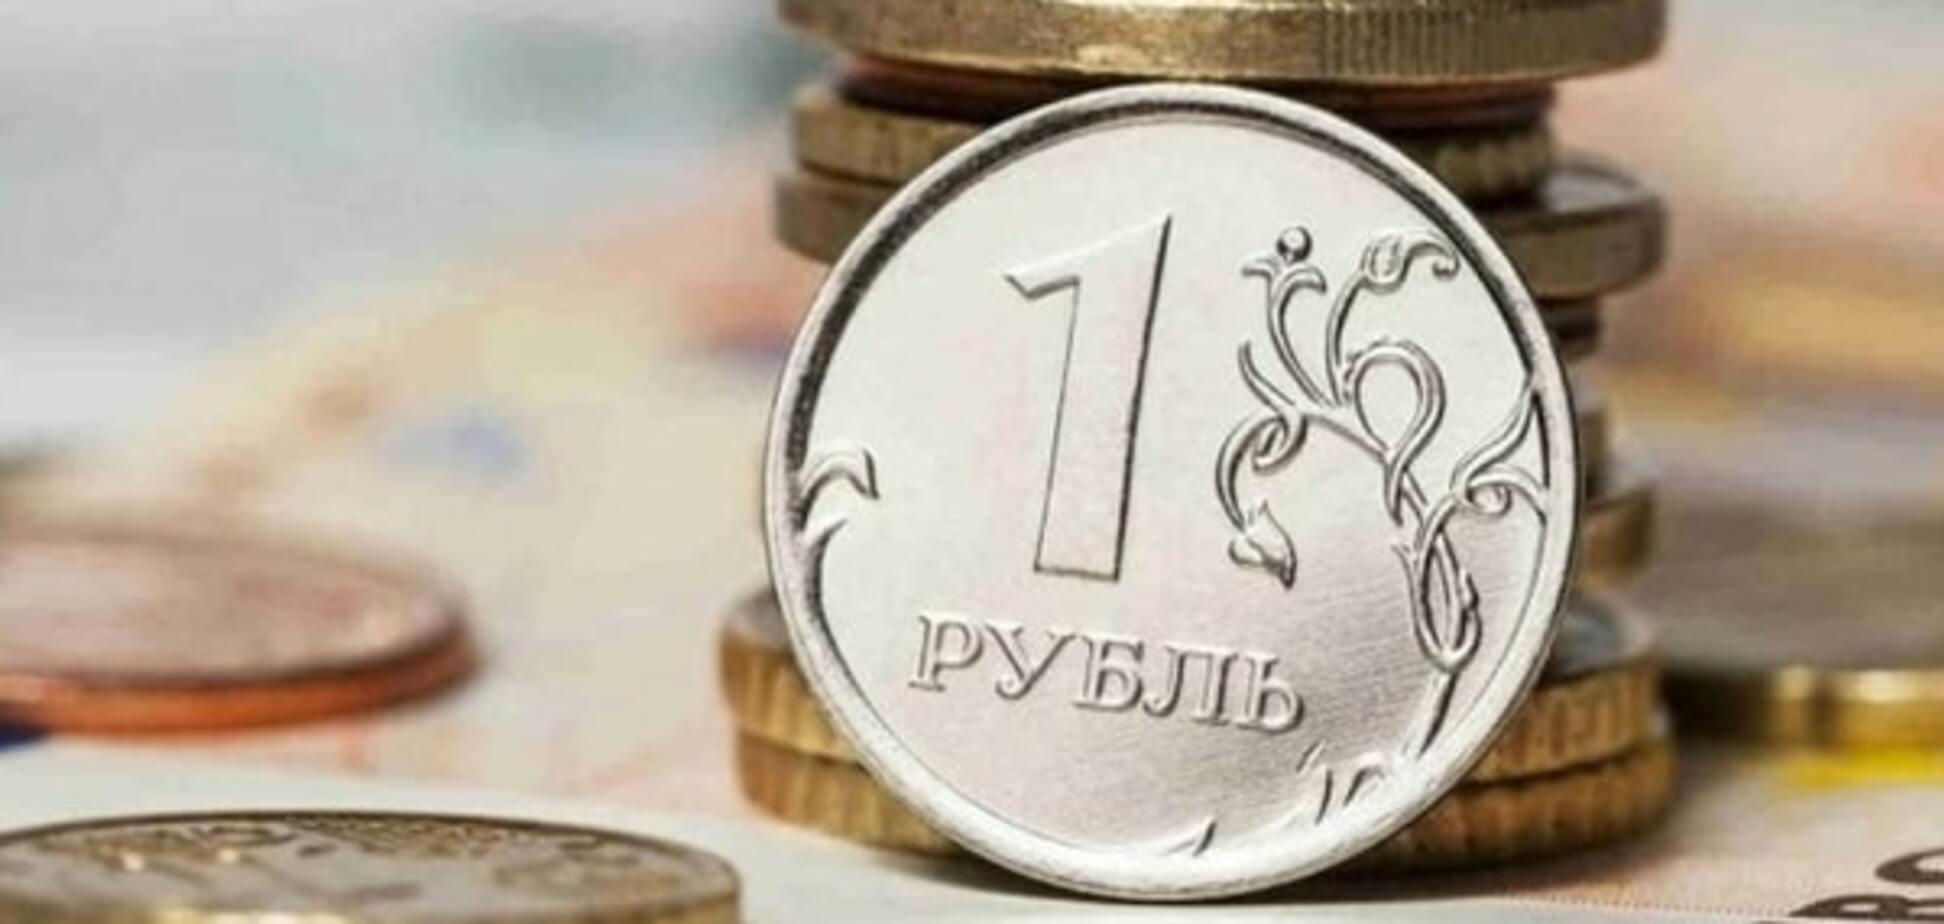 Нефть уже не поможет: стратеги HSBC объяснили, почему рубль будет падать и дальше